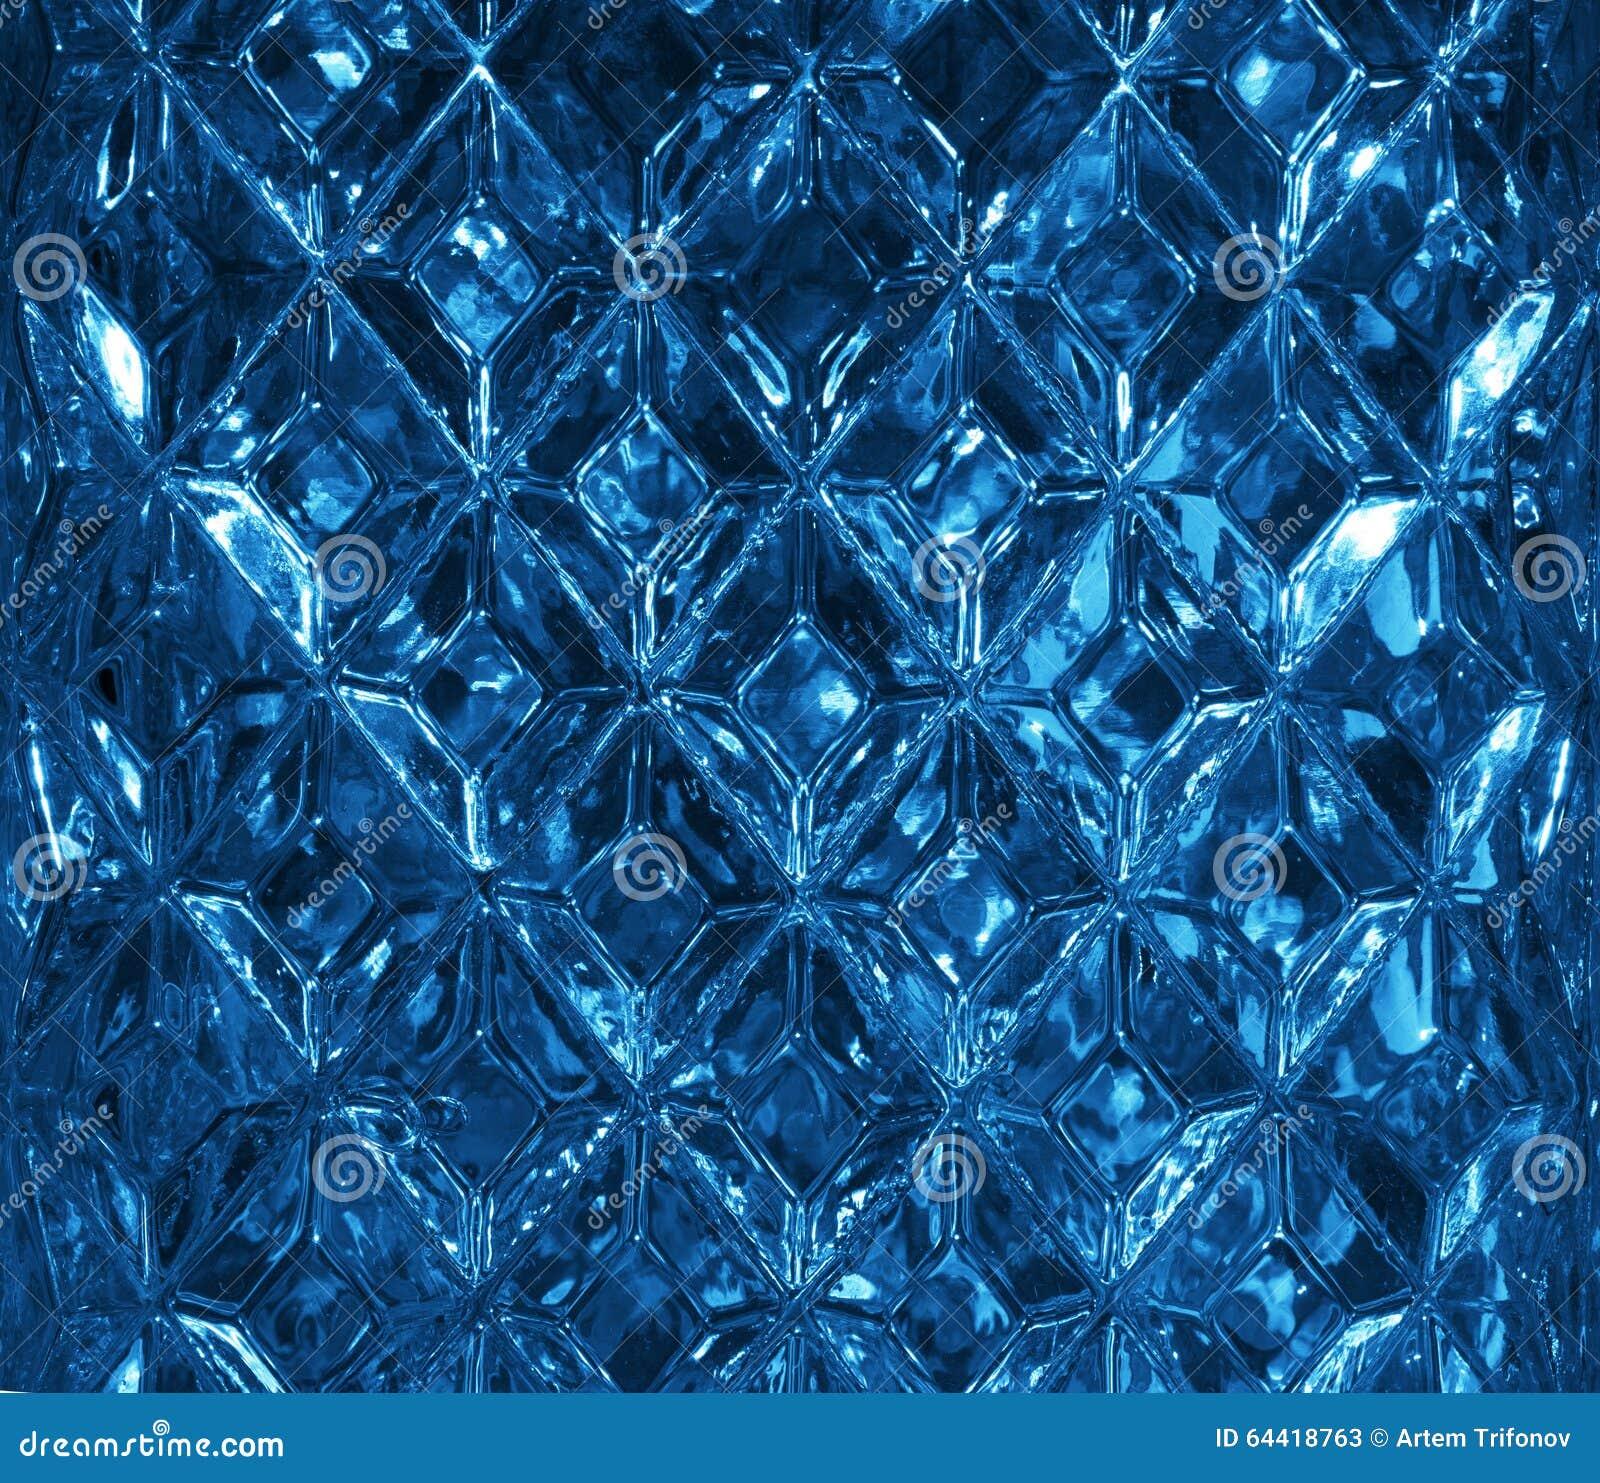 Dimante Glass